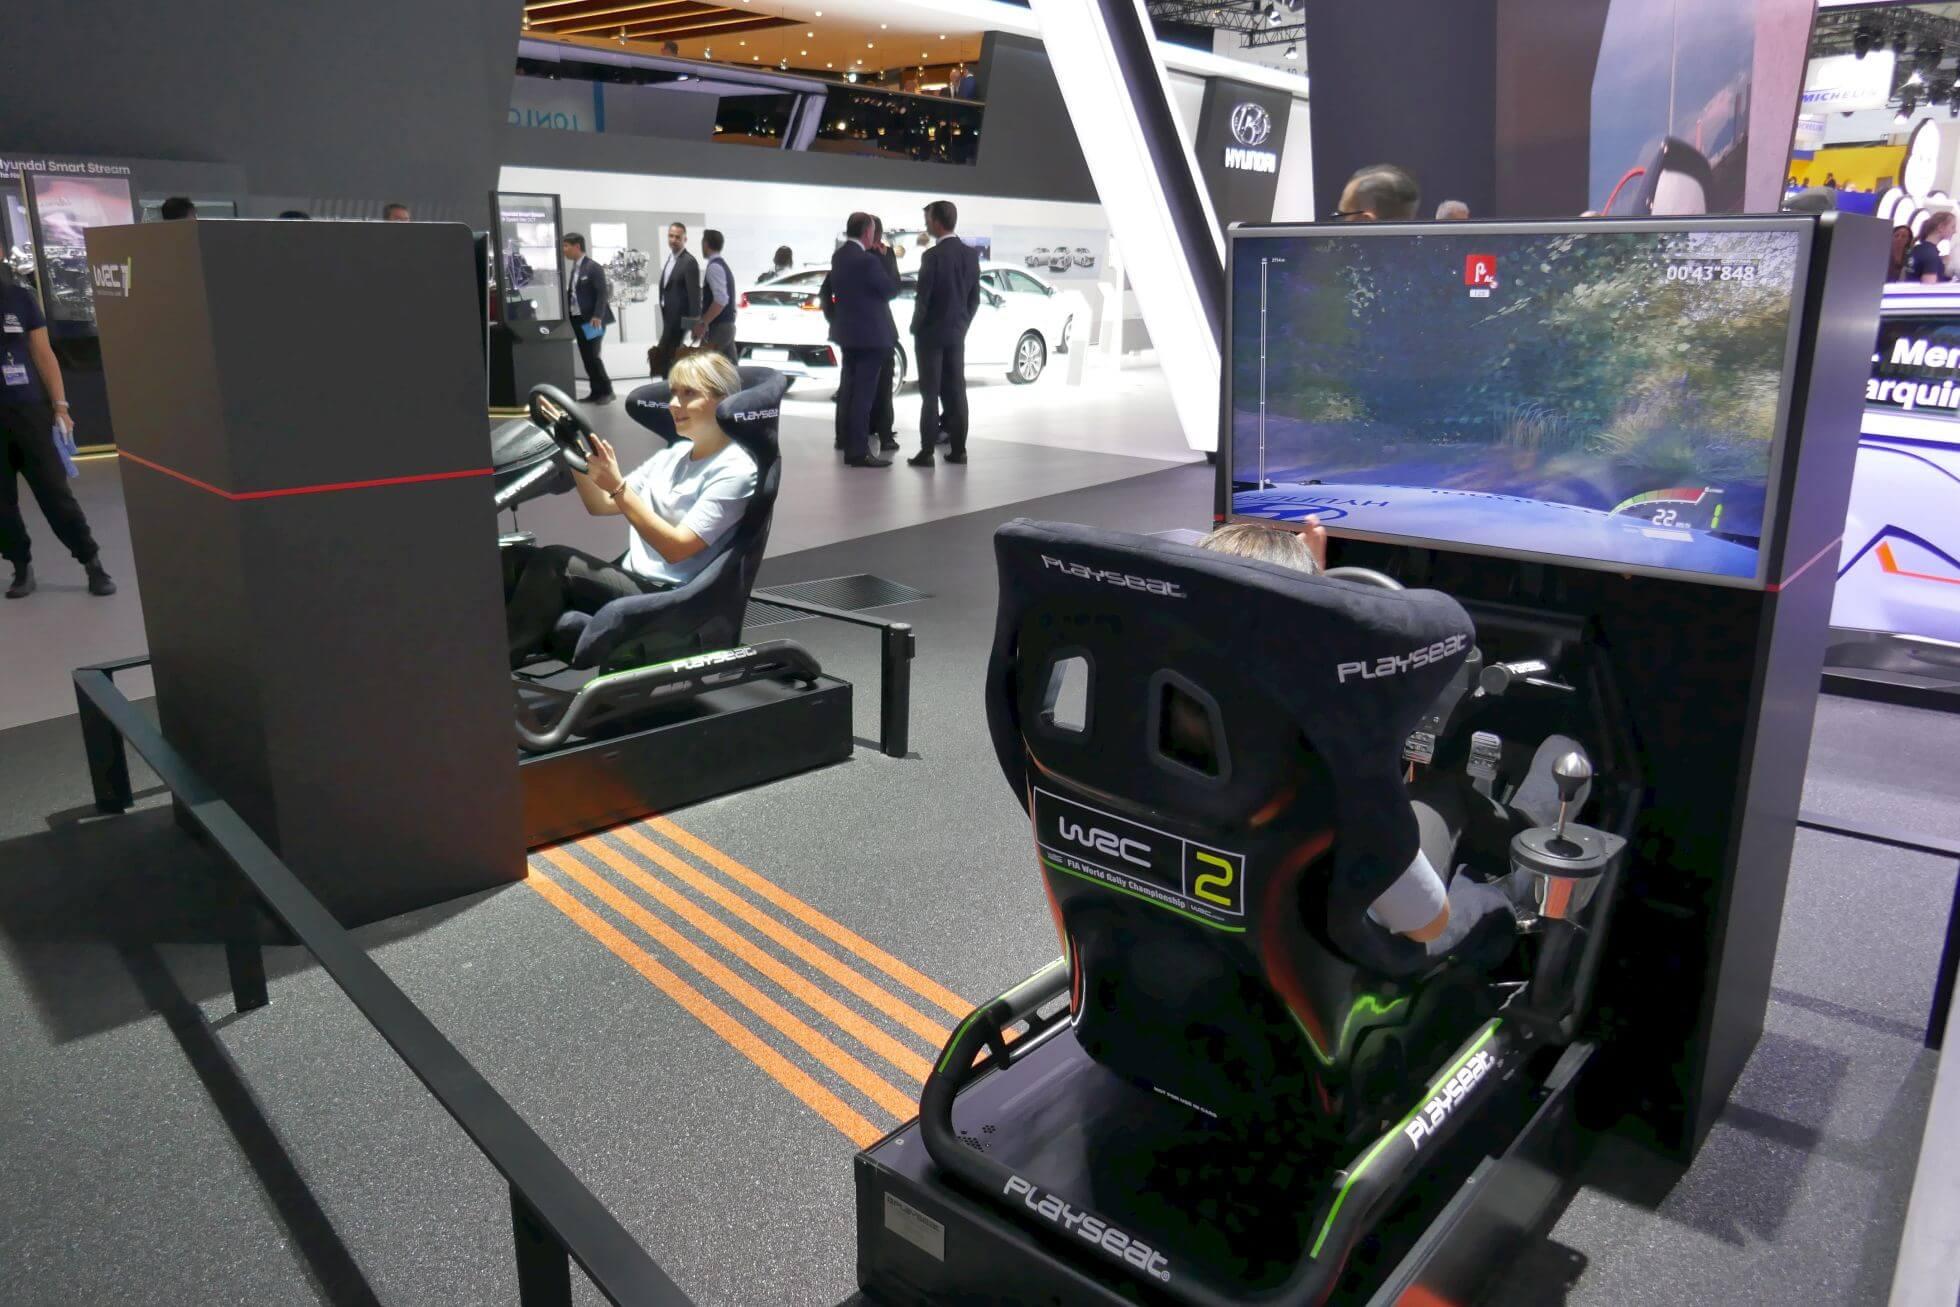 Nochmal PlayStation 4: WRC7 mit Rennsitz von PlaySeat bei Hyundai.